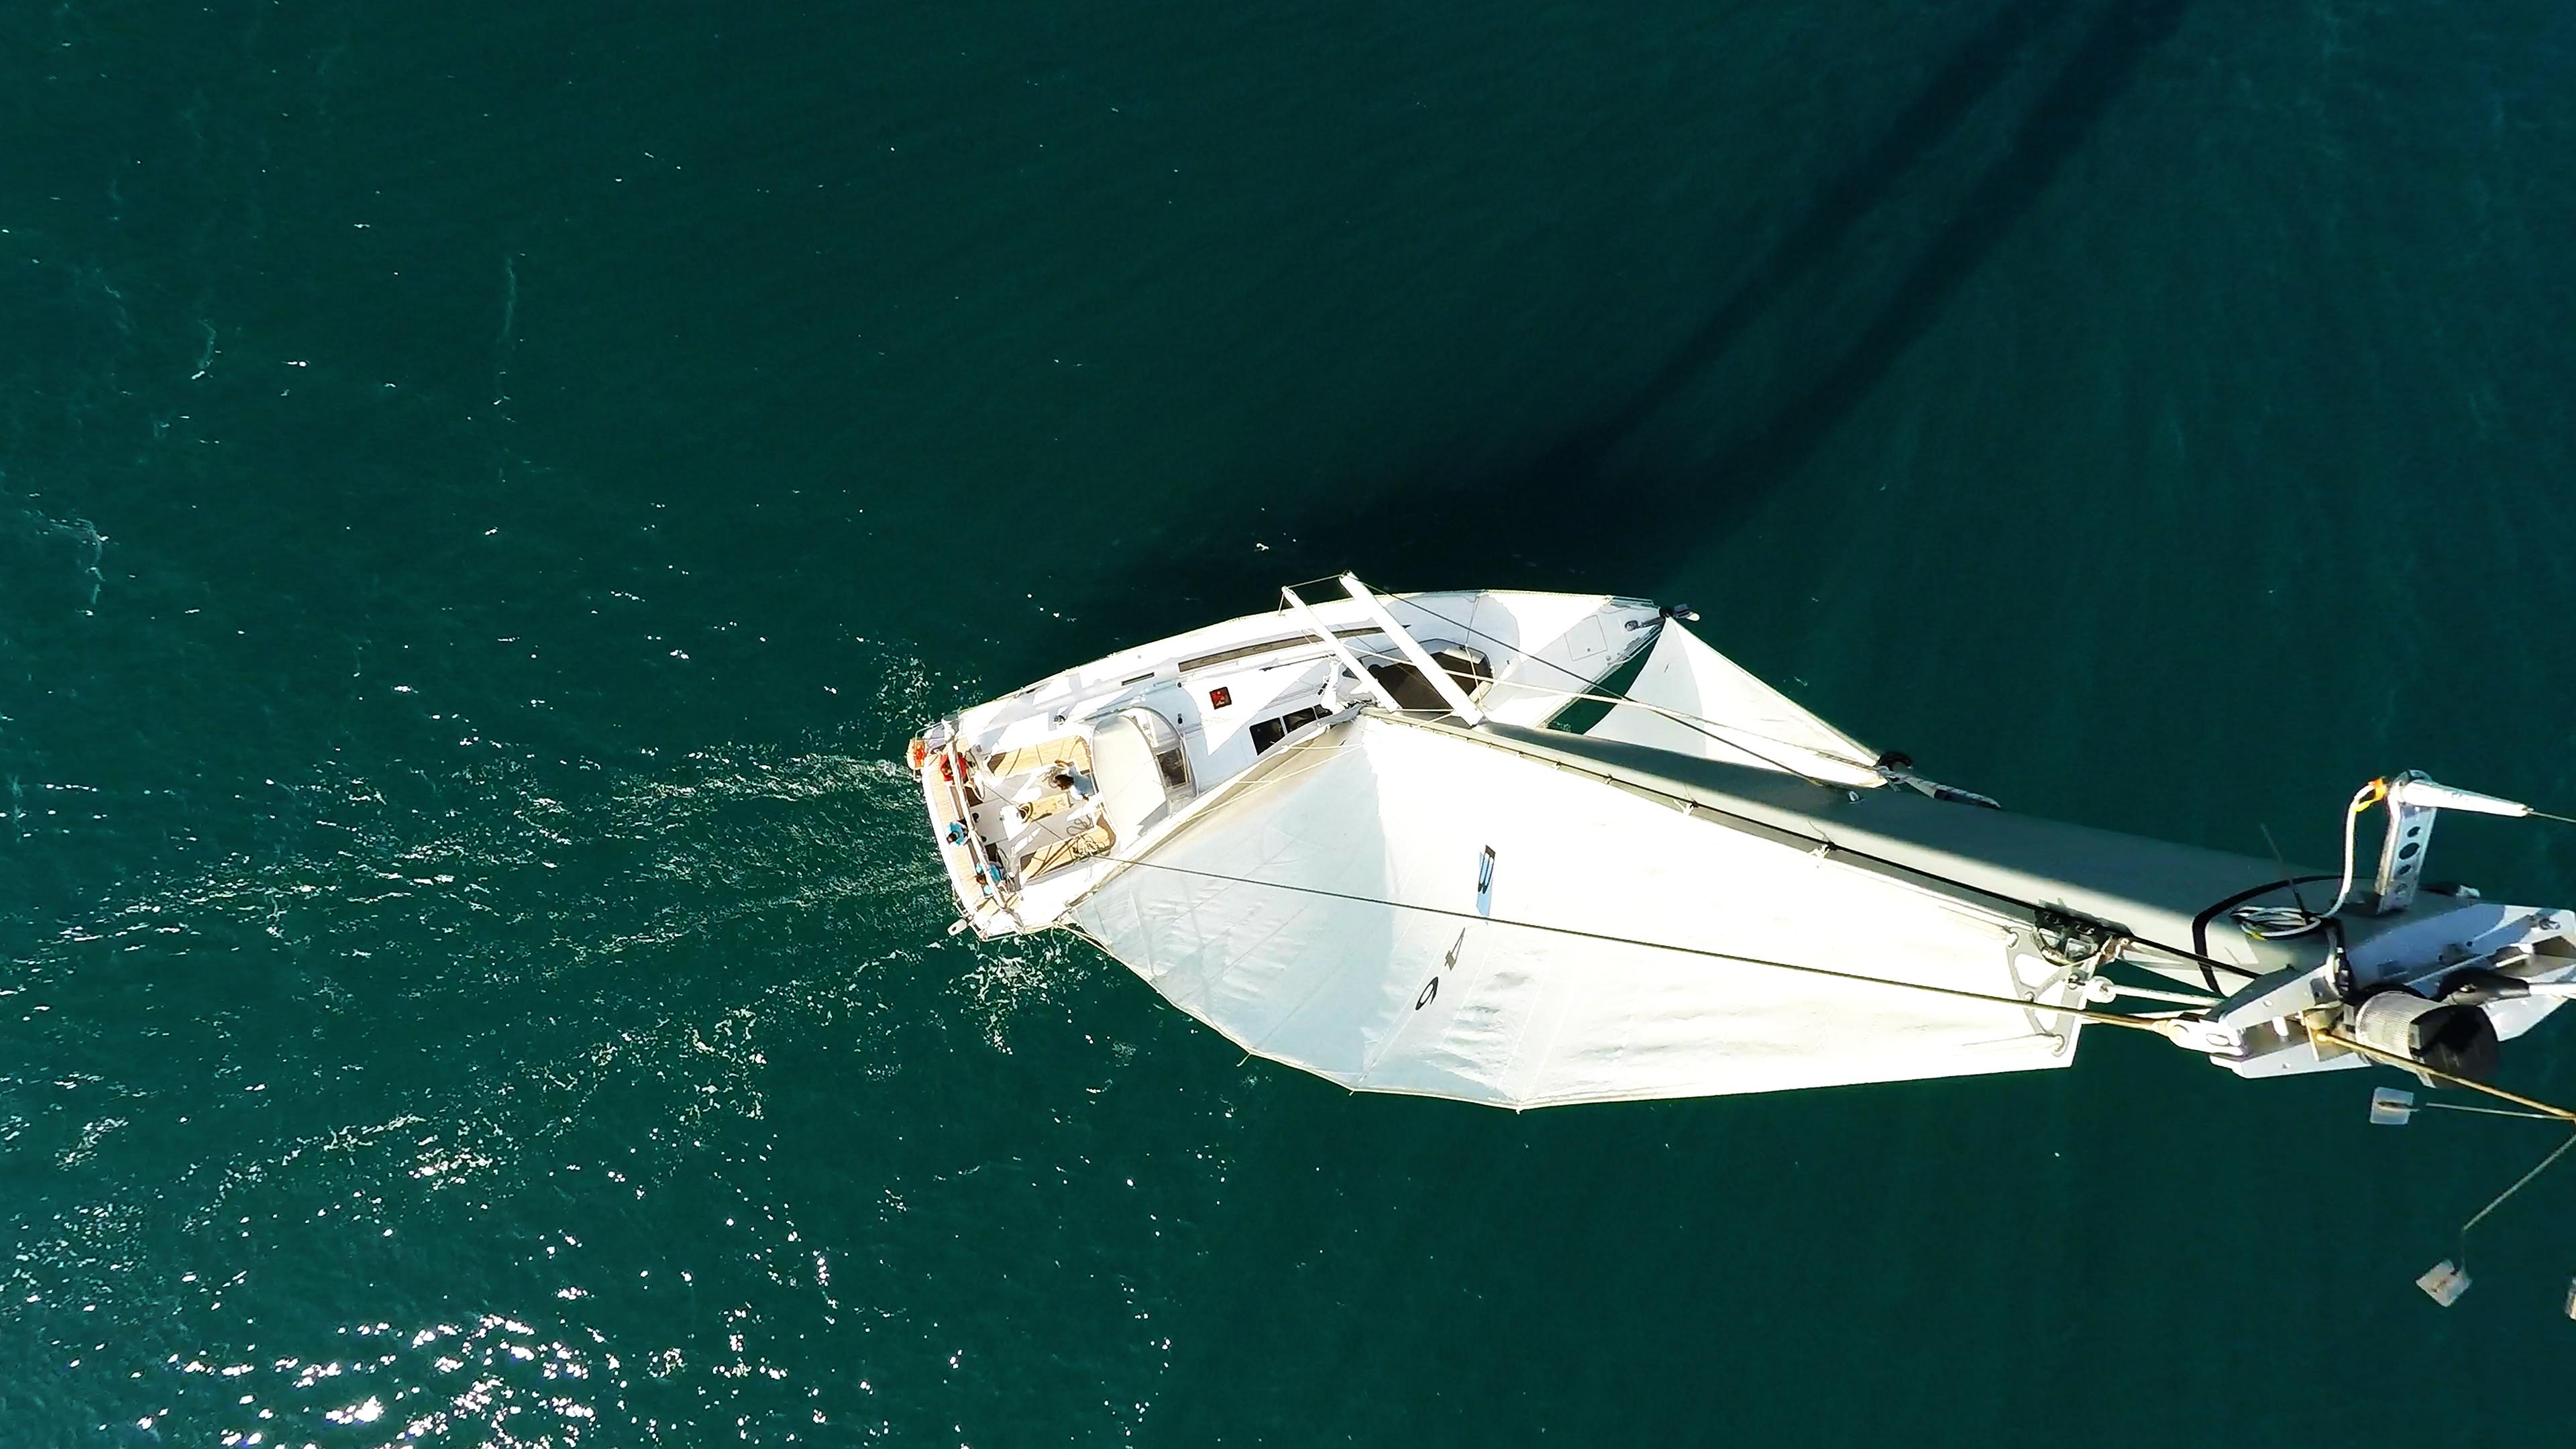 sailing yacht top mast sails sailing yacht bavaria 46